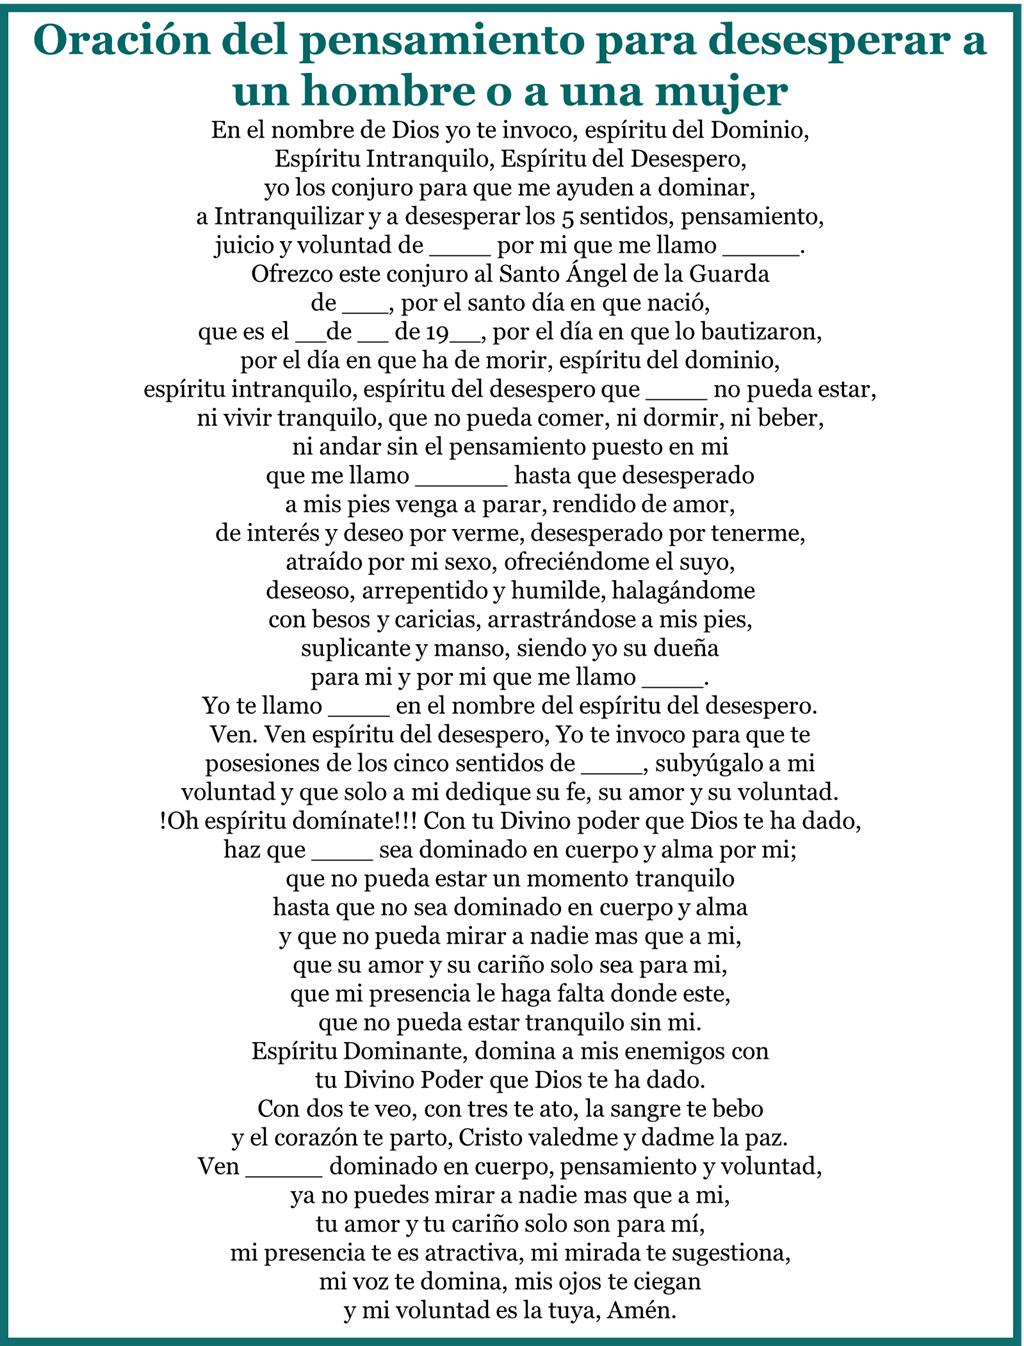 10 oraciones al espíritu del desespero, esbiblia